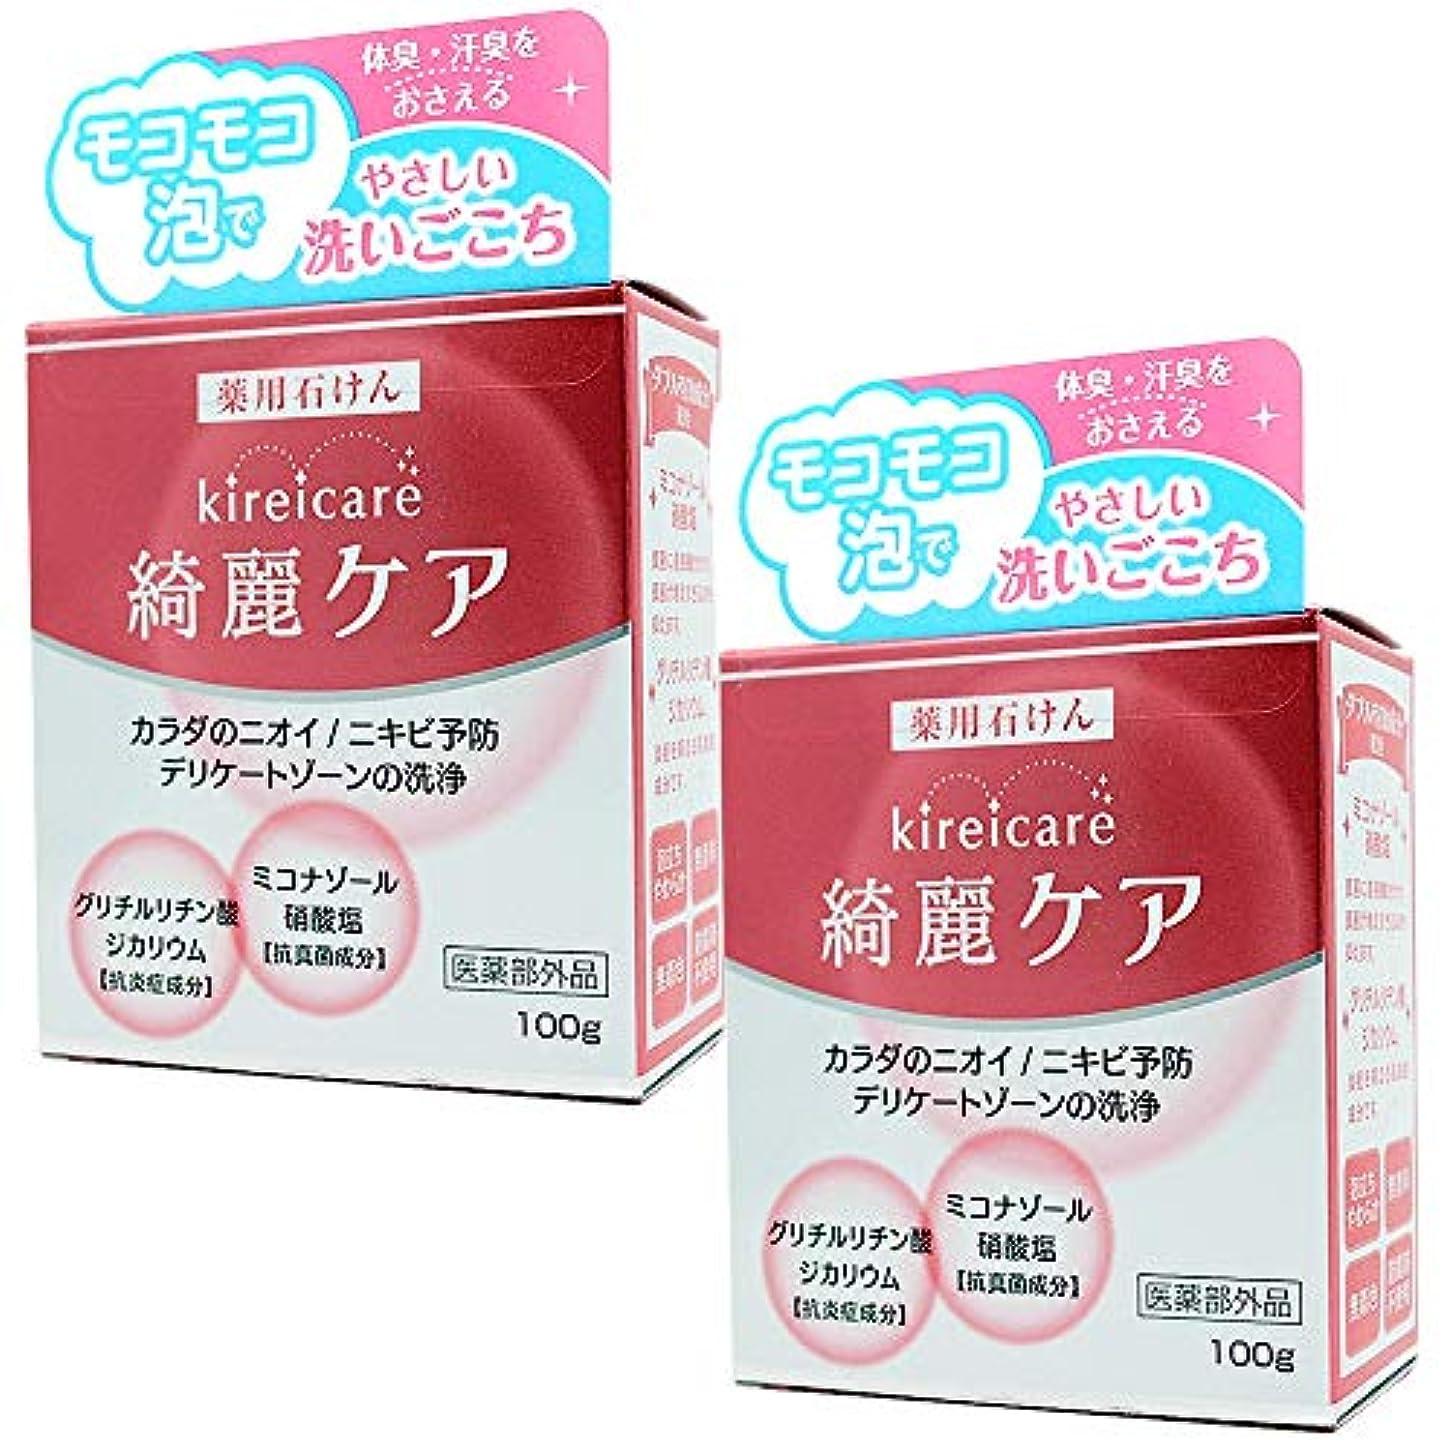 頑張る産地流行白金製薬 ミコナゾール 綺麗ケア 薬用石けん 100g [医薬部外品] 2個セット